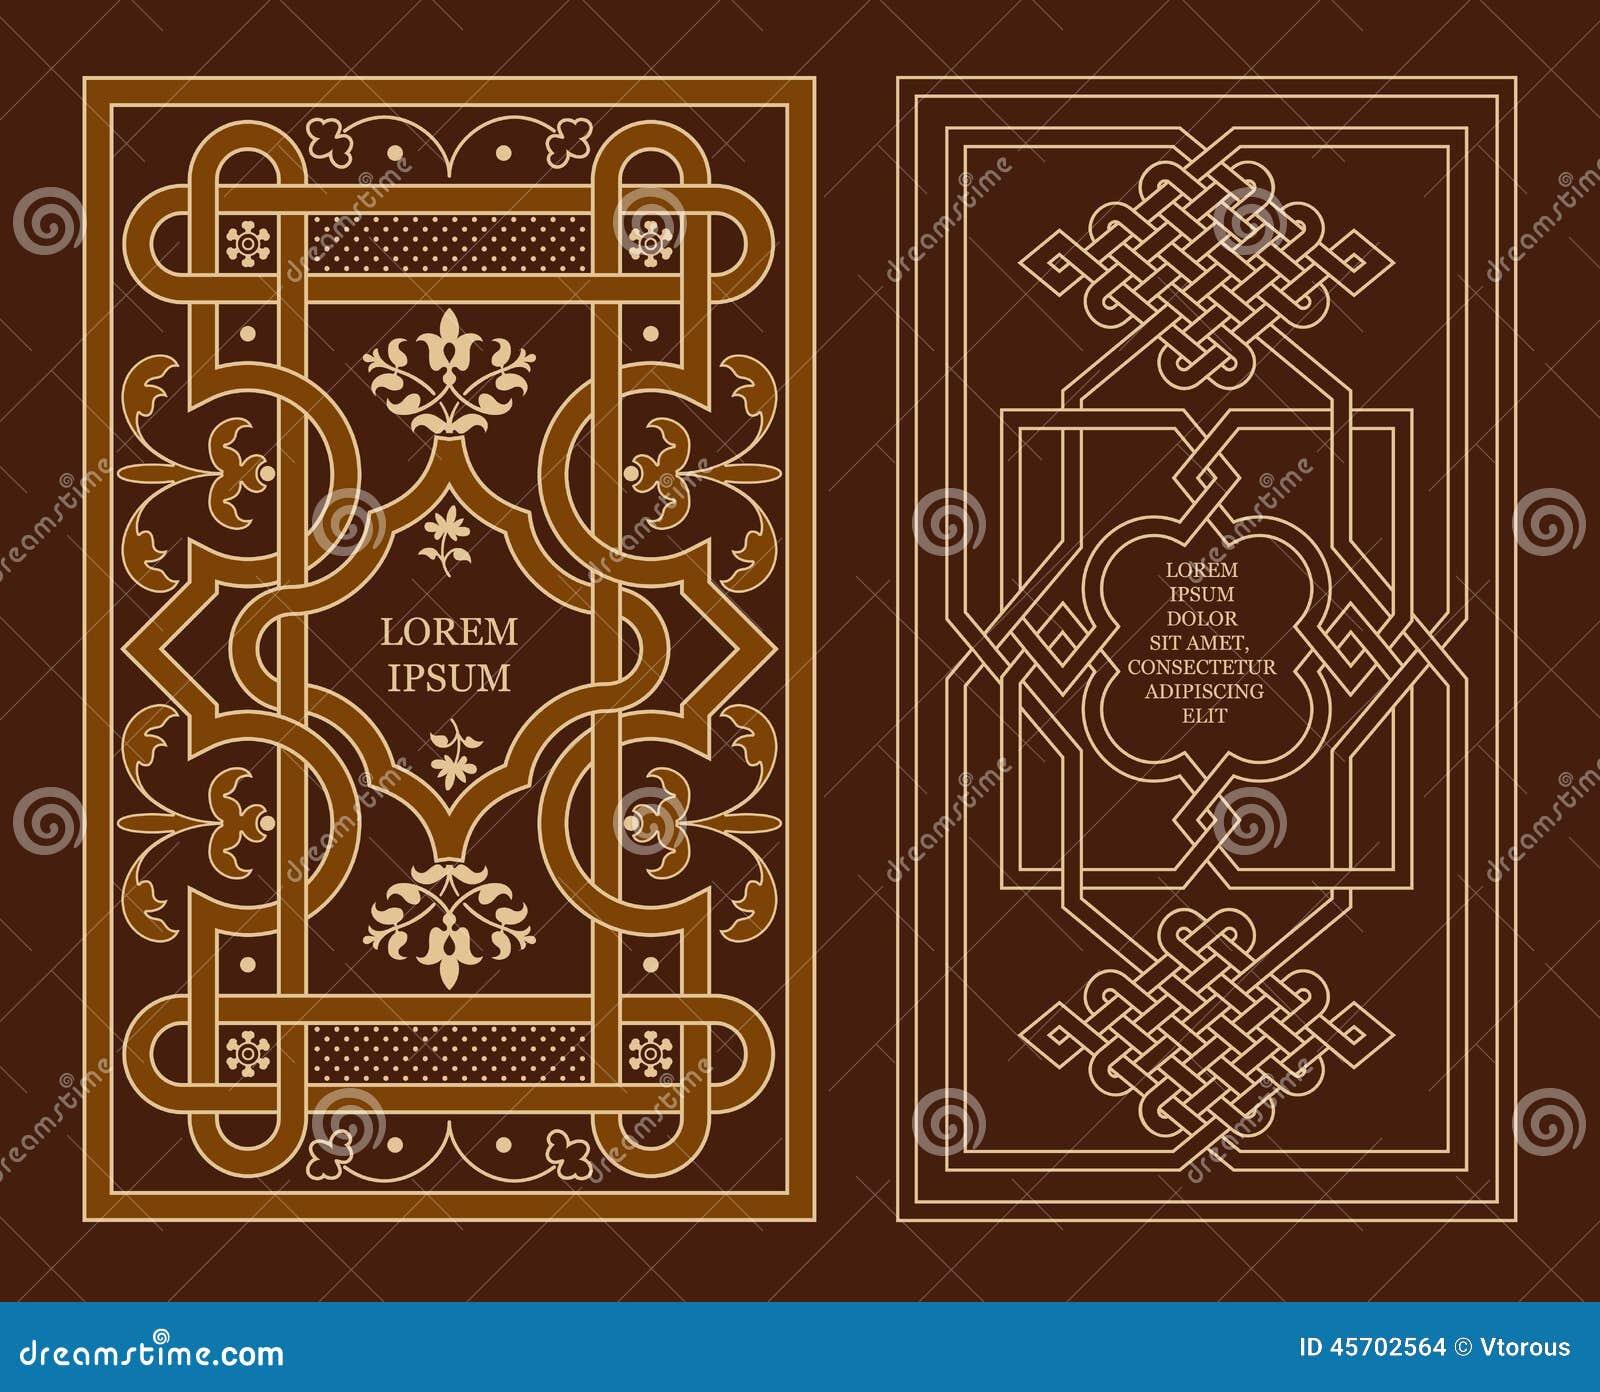 Arabic Book Cover Design Vector : Arabic decoration stock photo image